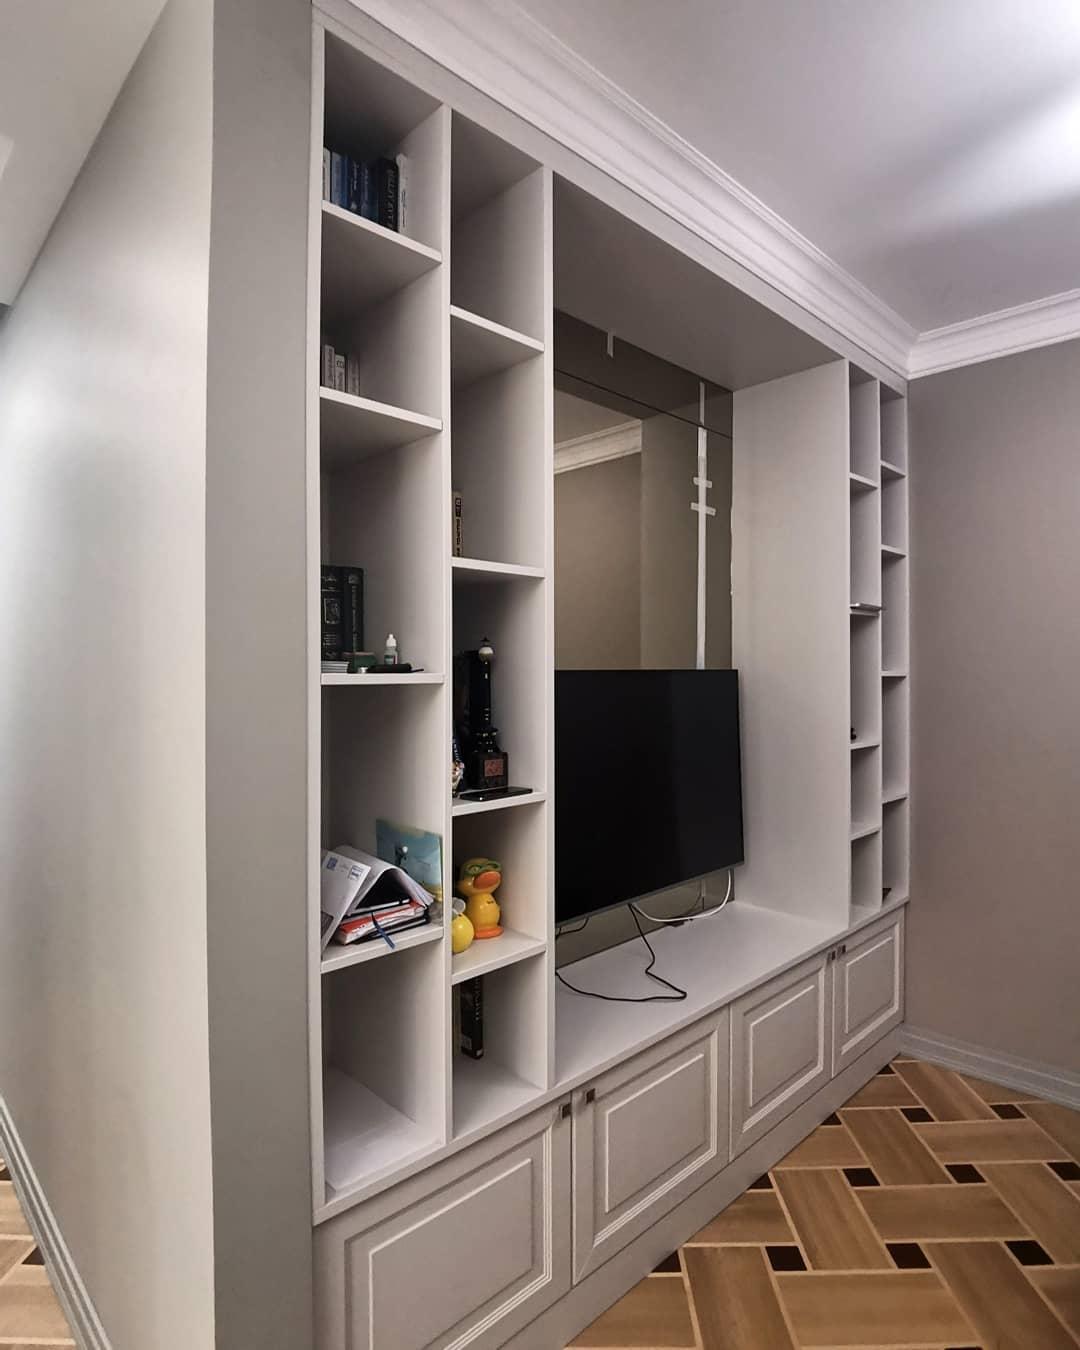 Вcтроенный шкаф под TV в стиле Современной классики